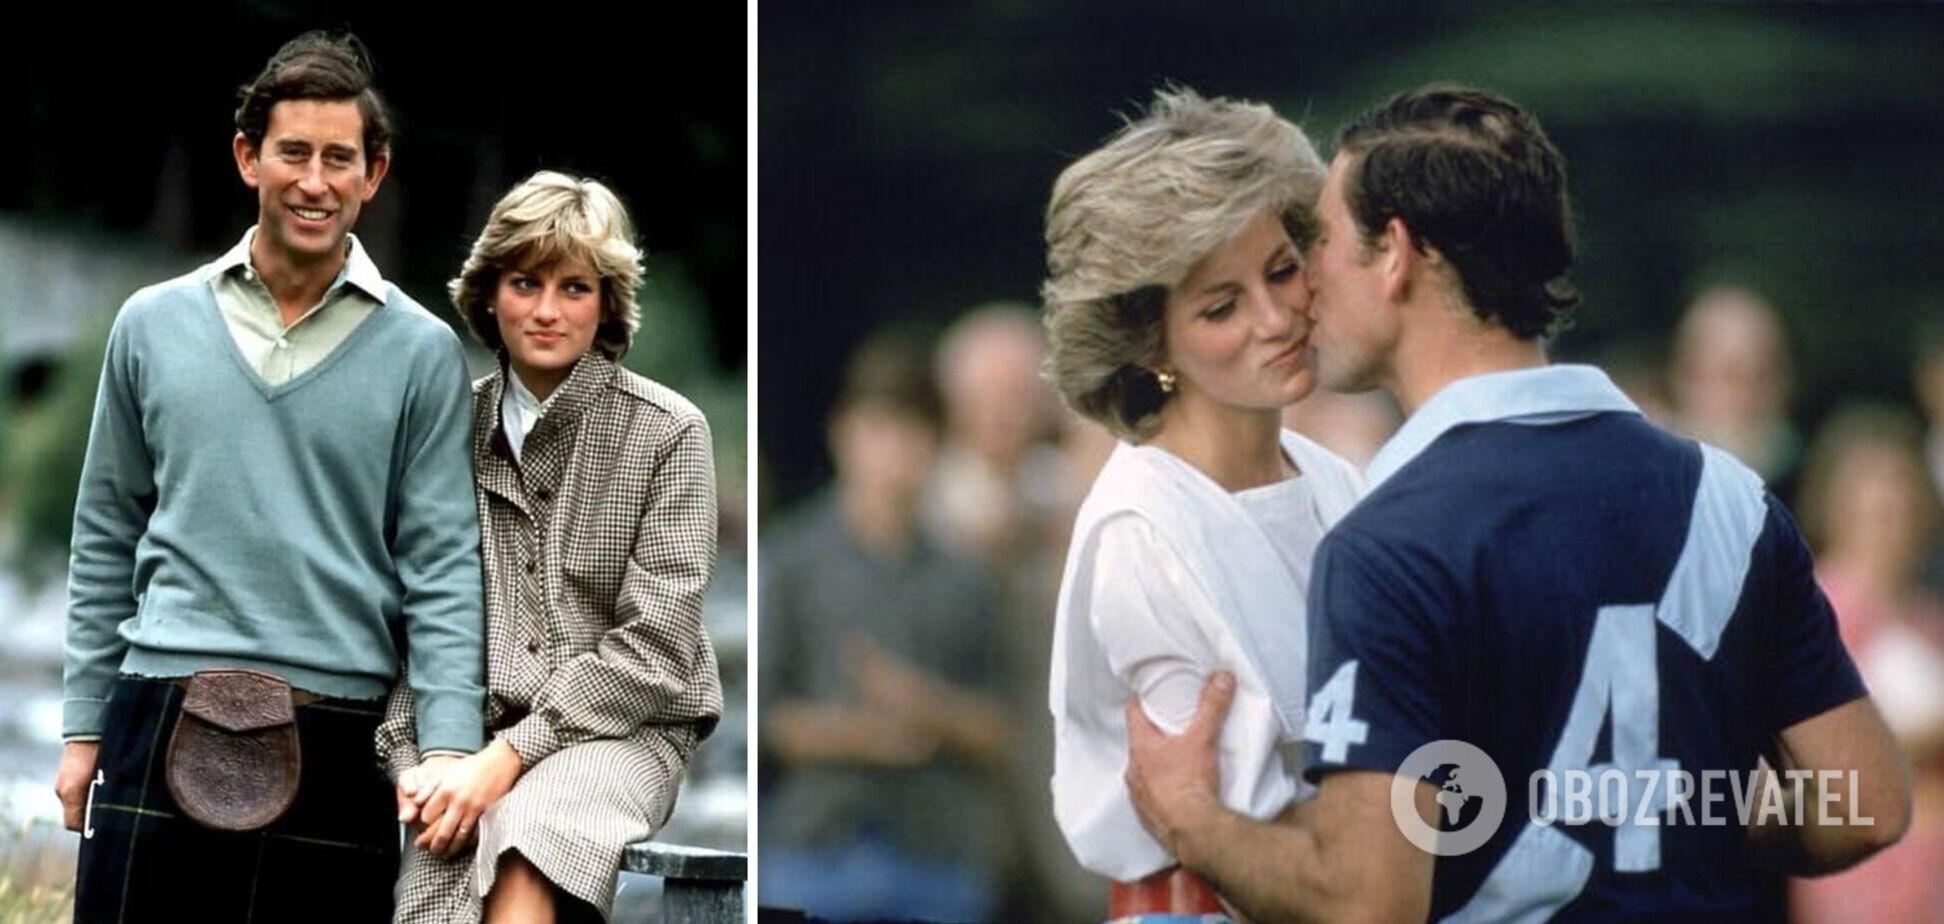 25 лет назад суд развел принца Чарльза и принцессу Диану: как развивались их отношения